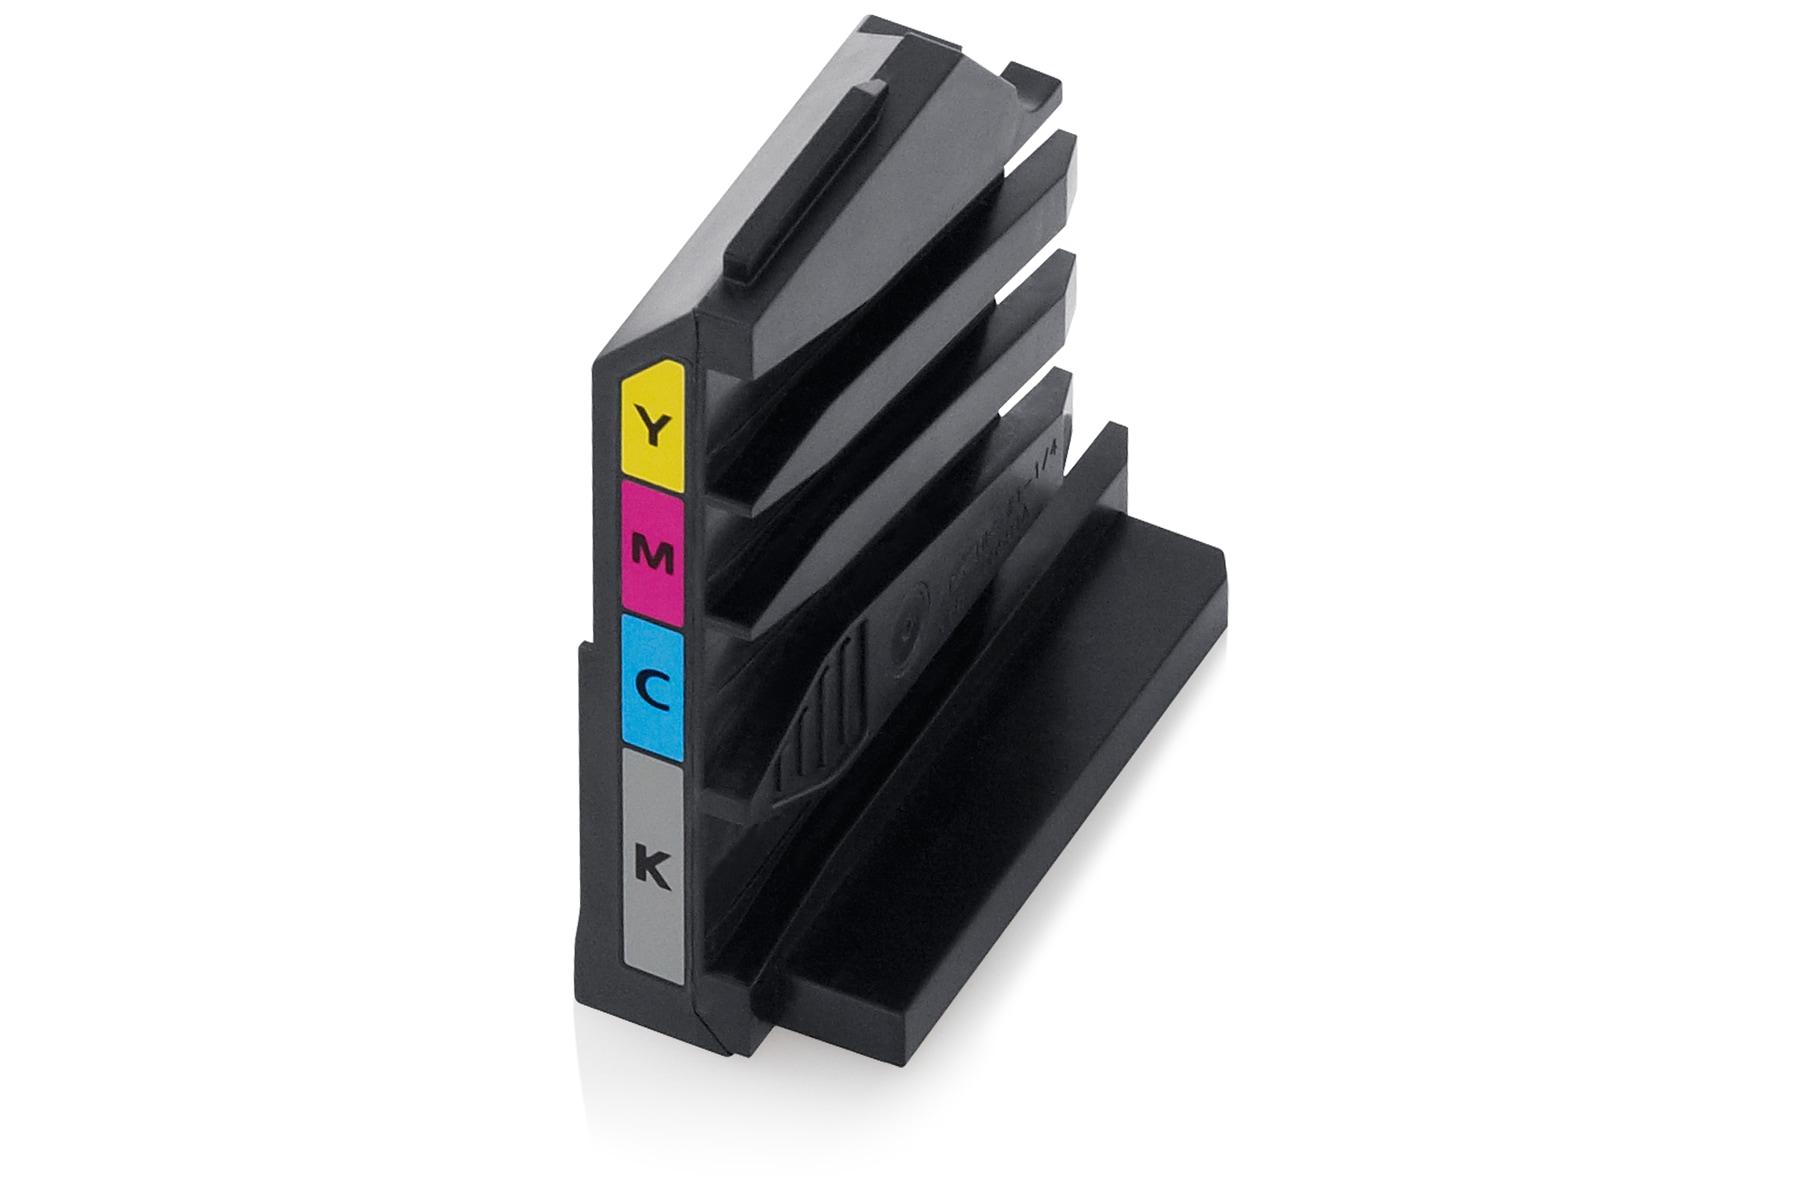 CLT-W406 Réceptacle de toners usagés (Noir: 7000 / Couleur: 1750 pages)